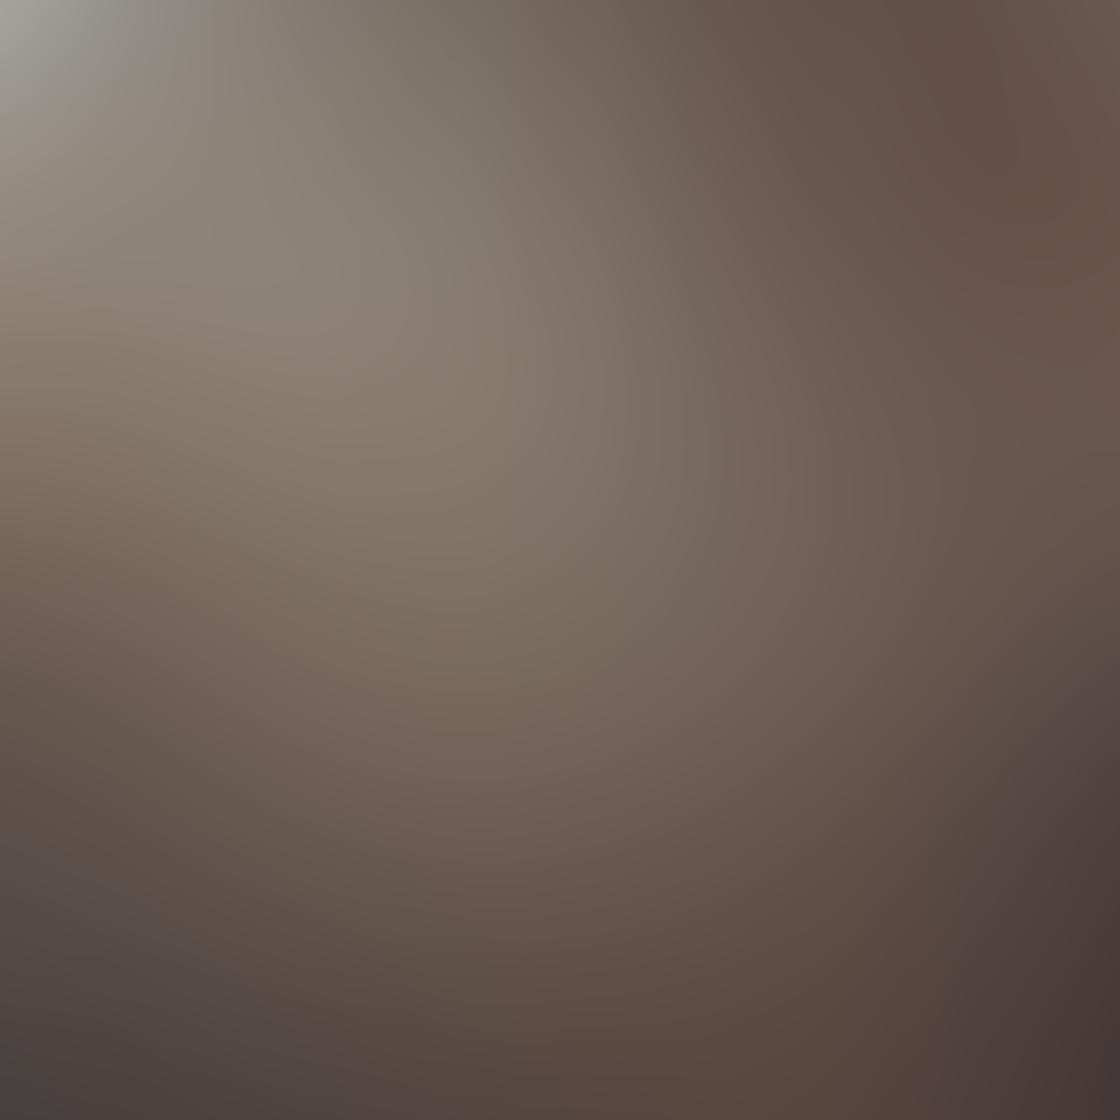 iPhone Photos Texture 24